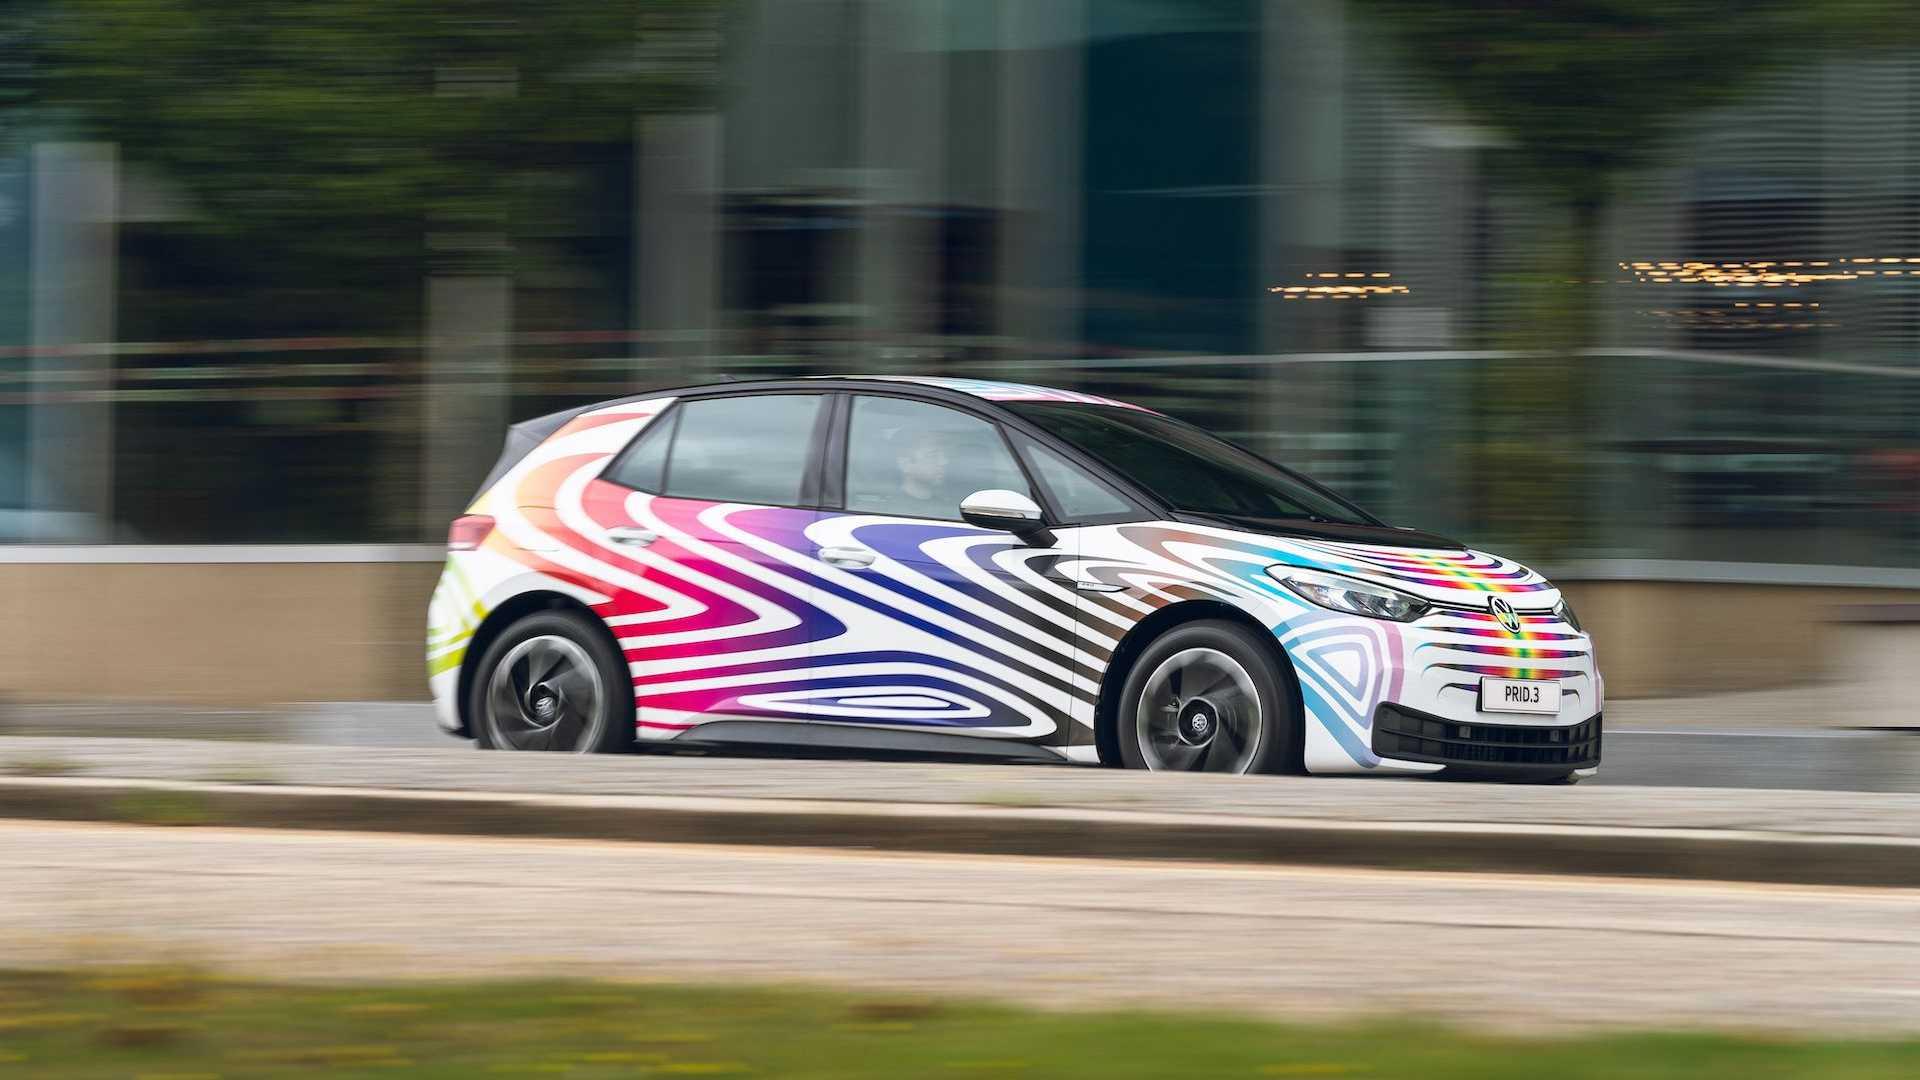 Volkswagen PRID.3 дебютирует в честь многообразия и инклюзивности